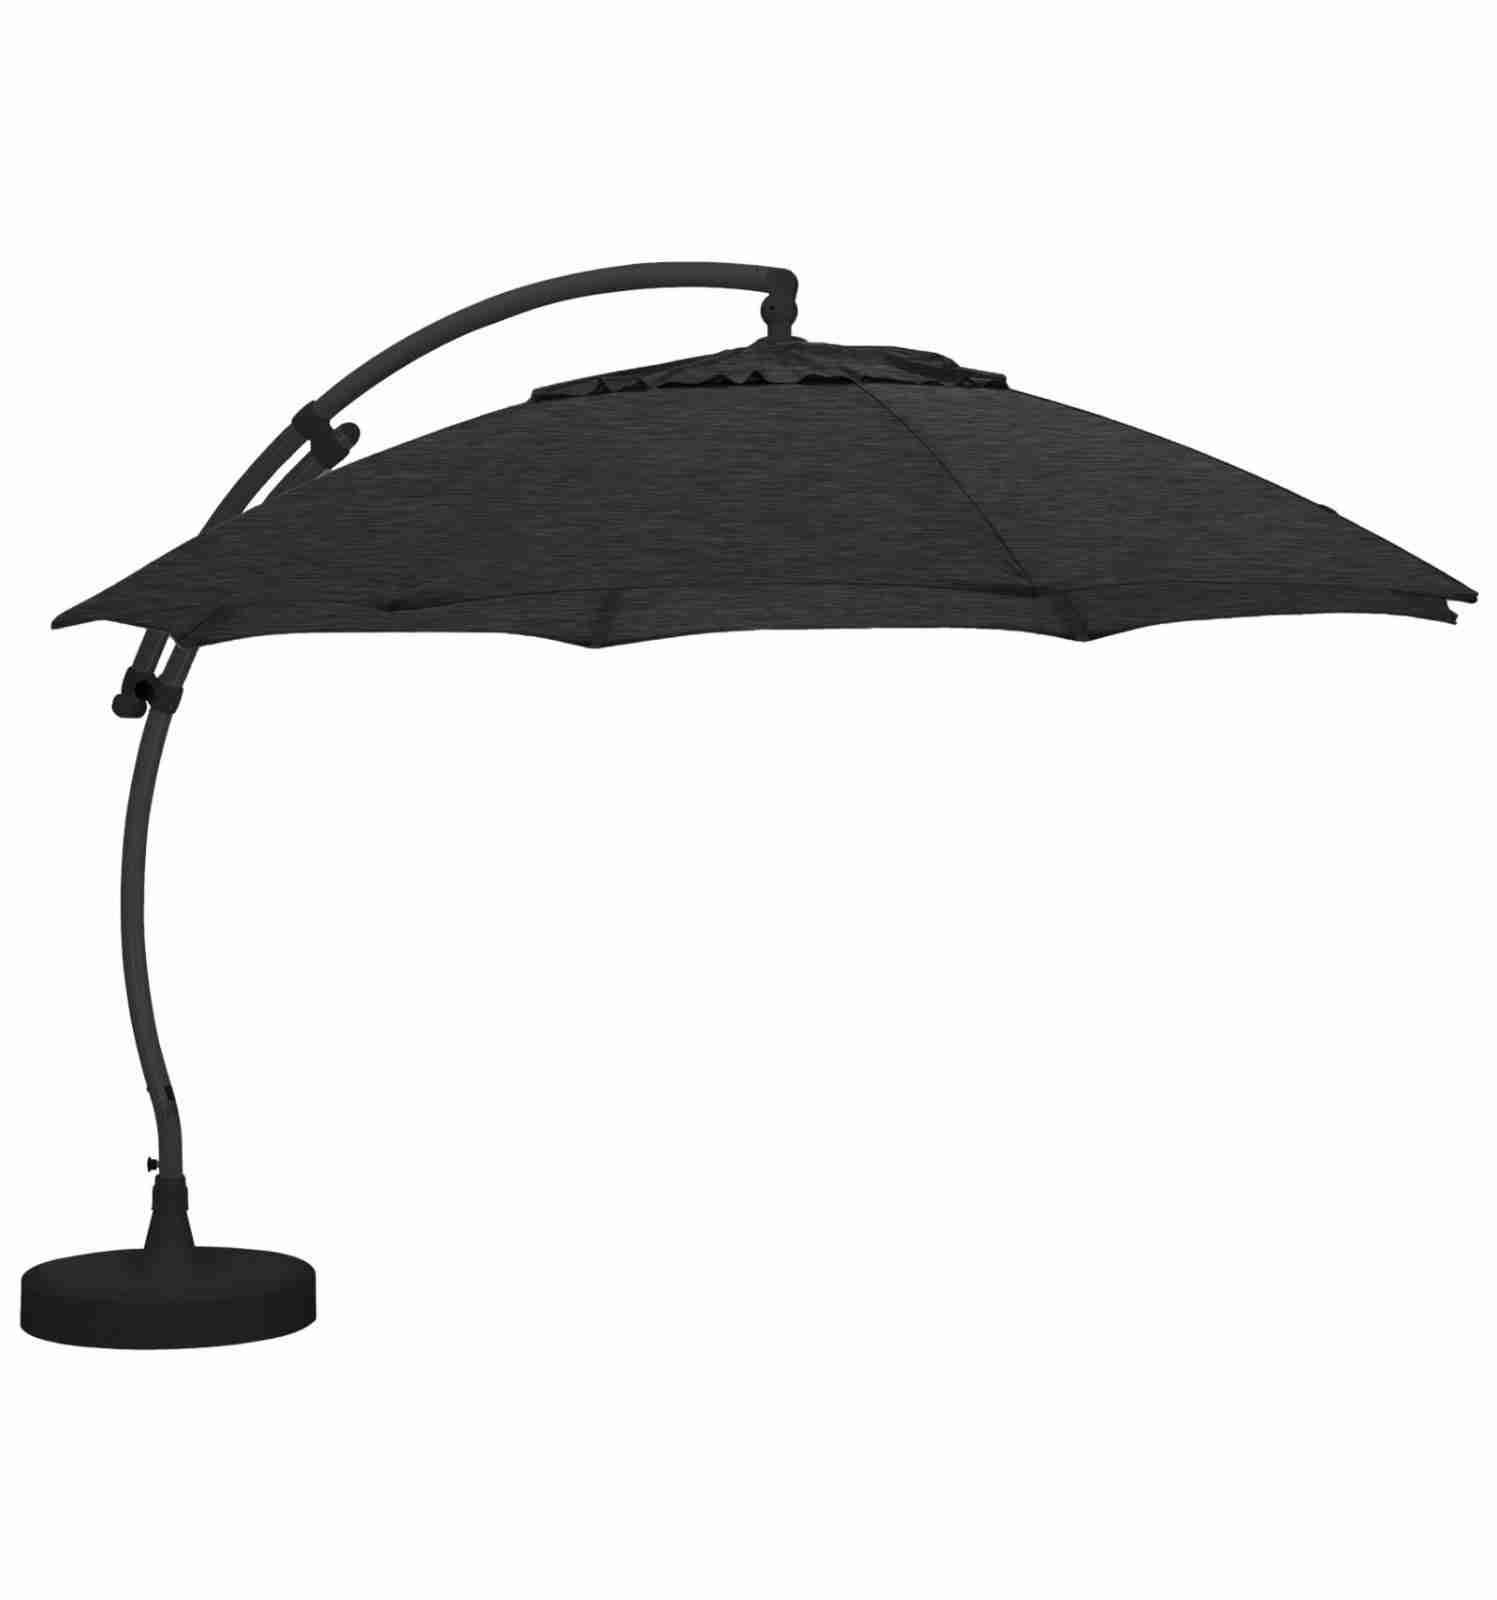 easy sun parasol kd 375cm. Black Bedroom Furniture Sets. Home Design Ideas